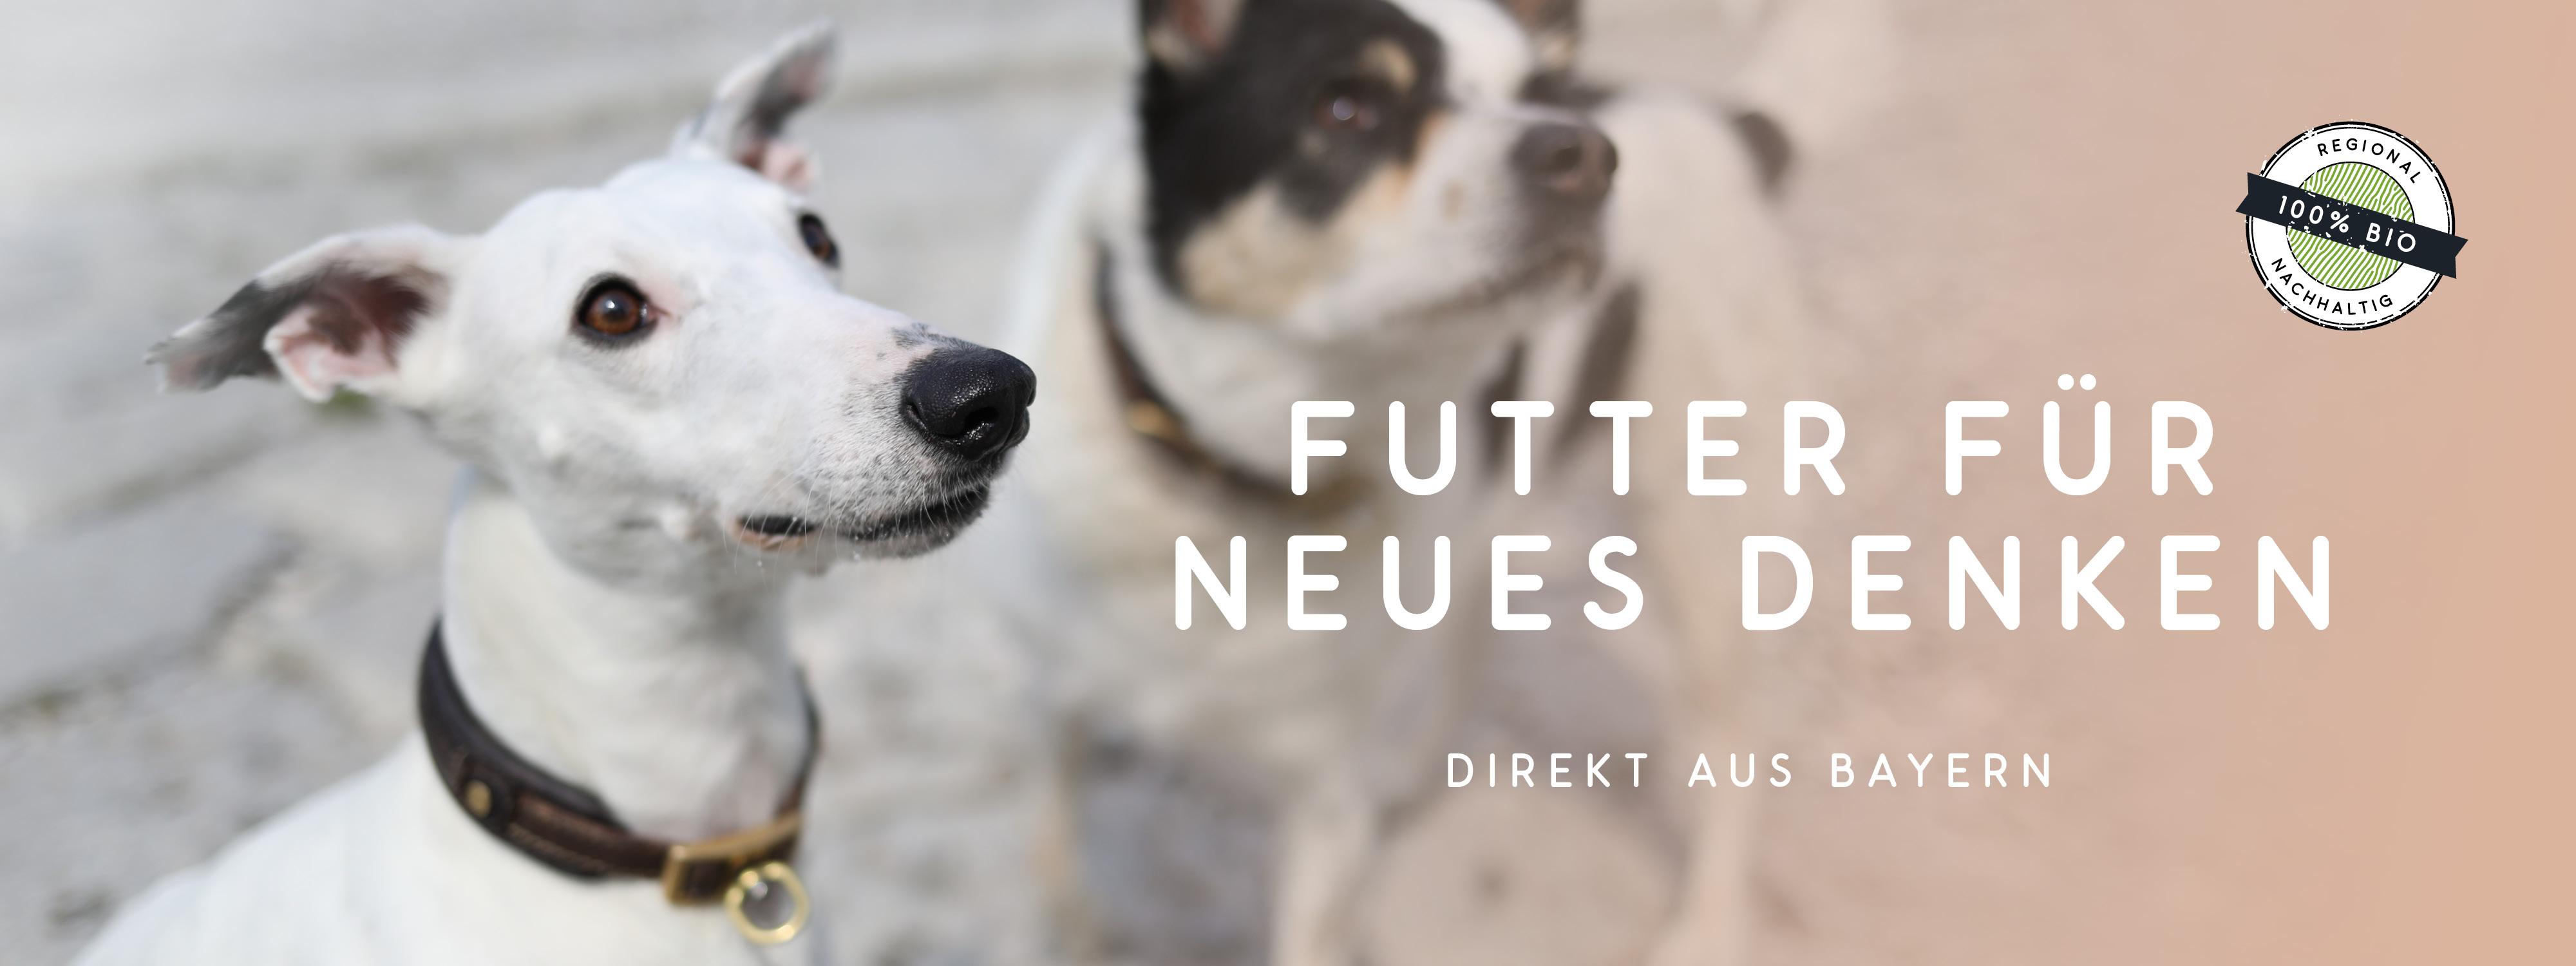 Neues Bio Hundefutter-Konzept mit natürlichen Zutaten von naftie